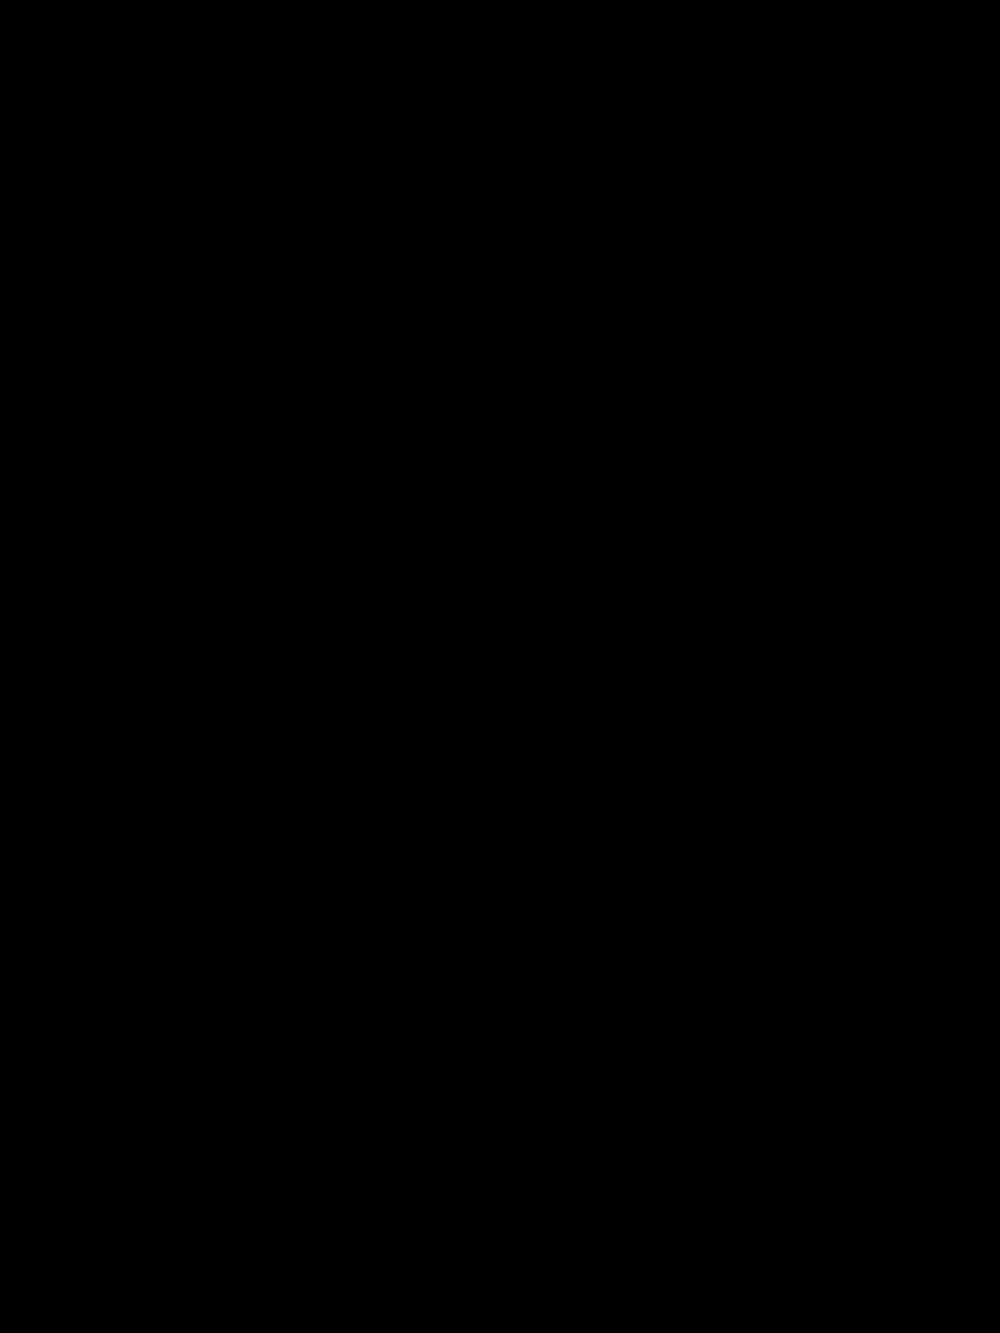 ארון מתפרה